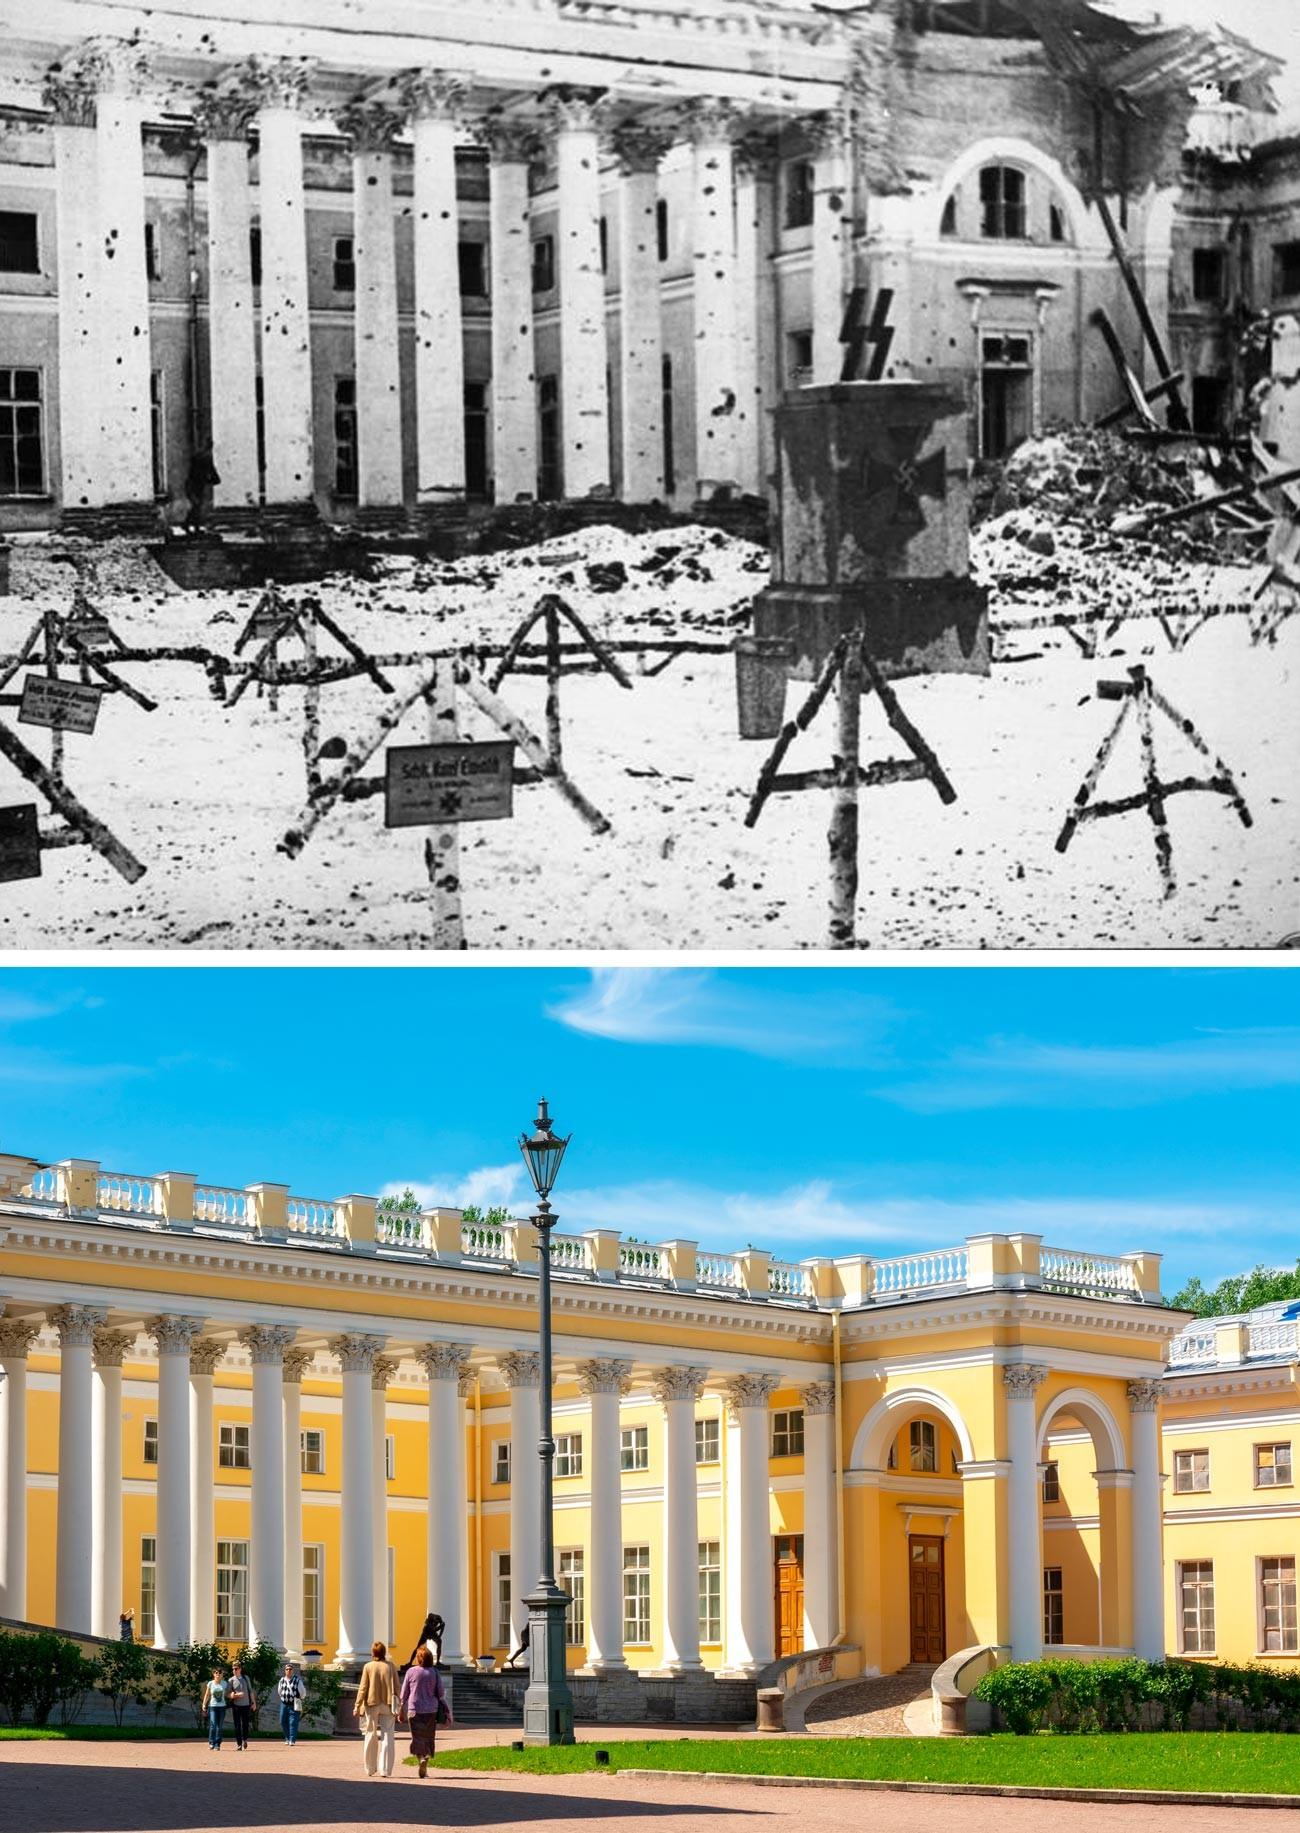 Das Gelände vor dem Alexanderpalast wurde von den Deutschen als Friedhof genutzt.